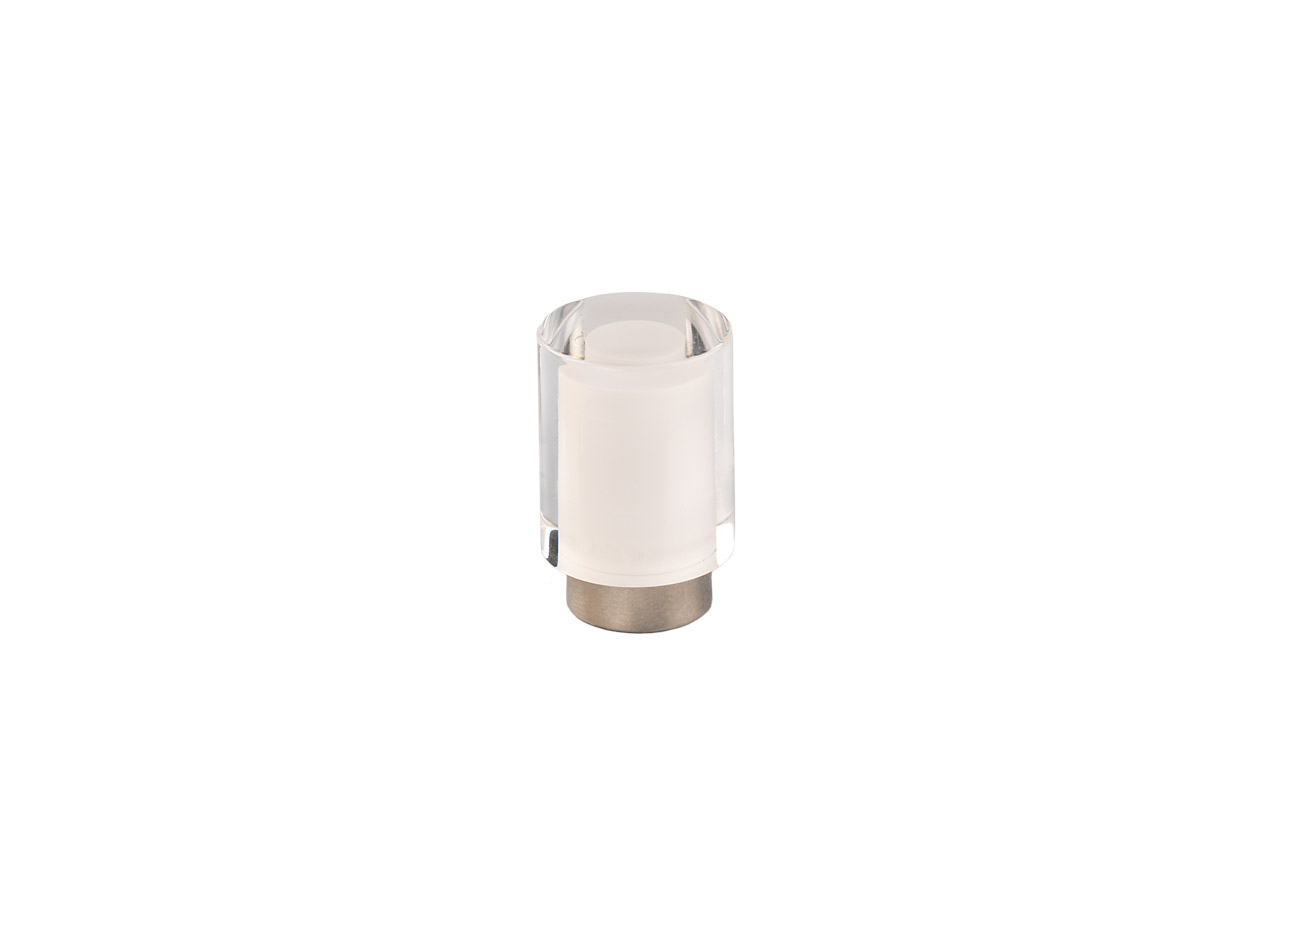 Мебельная ручка Union Knopf Duron белый в прозр.пластике Durohorn/никель глянец